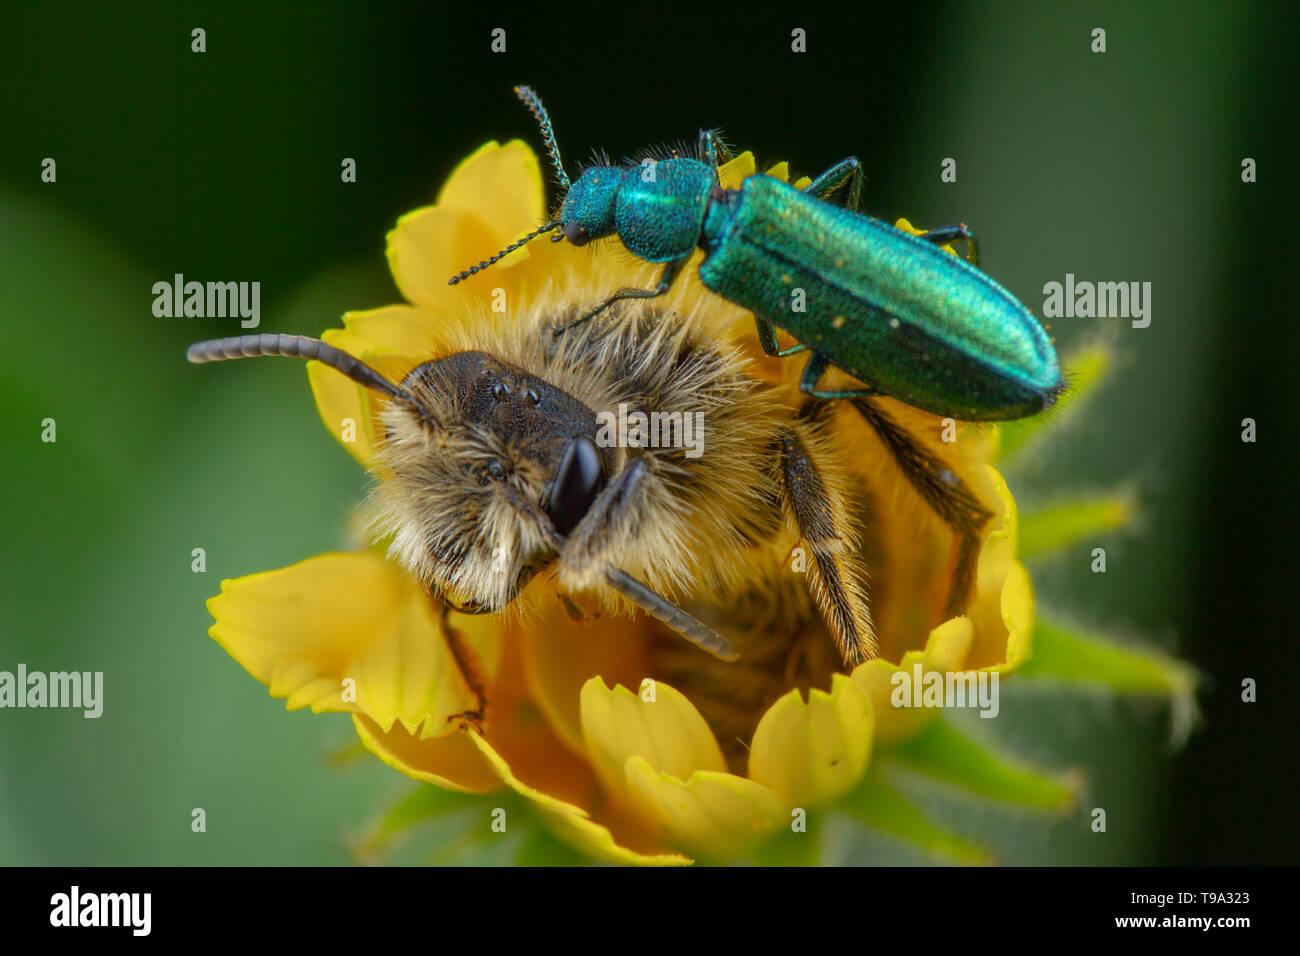 Little oedemera nobilis walking on flower with honeybee in it - Stock Image